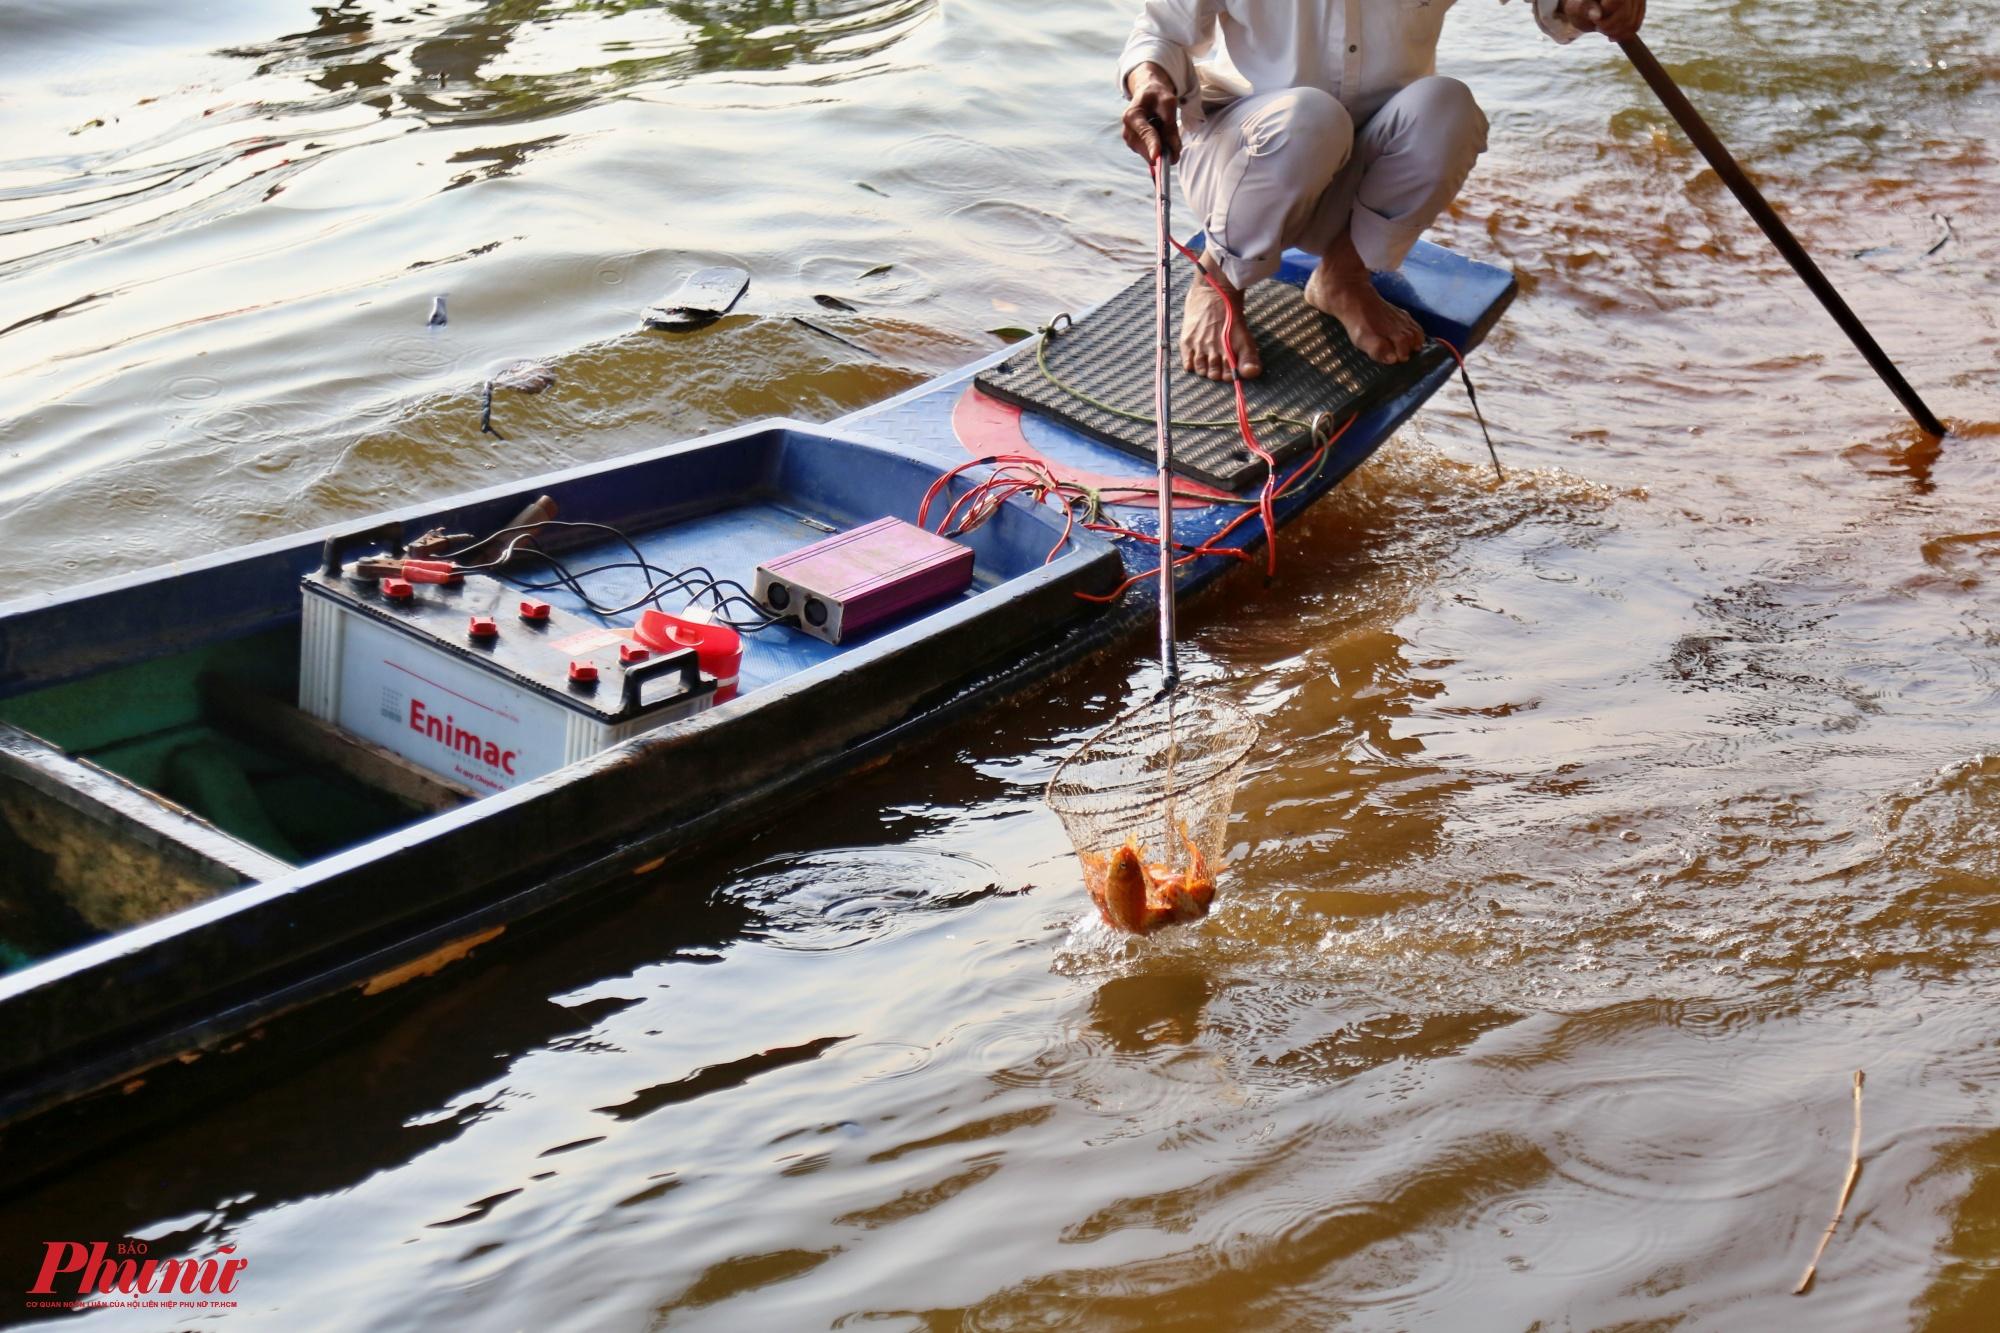 Một số người dân thuê thuyền ra giữa sông thả cá, những người này cũng theo sát để vớt